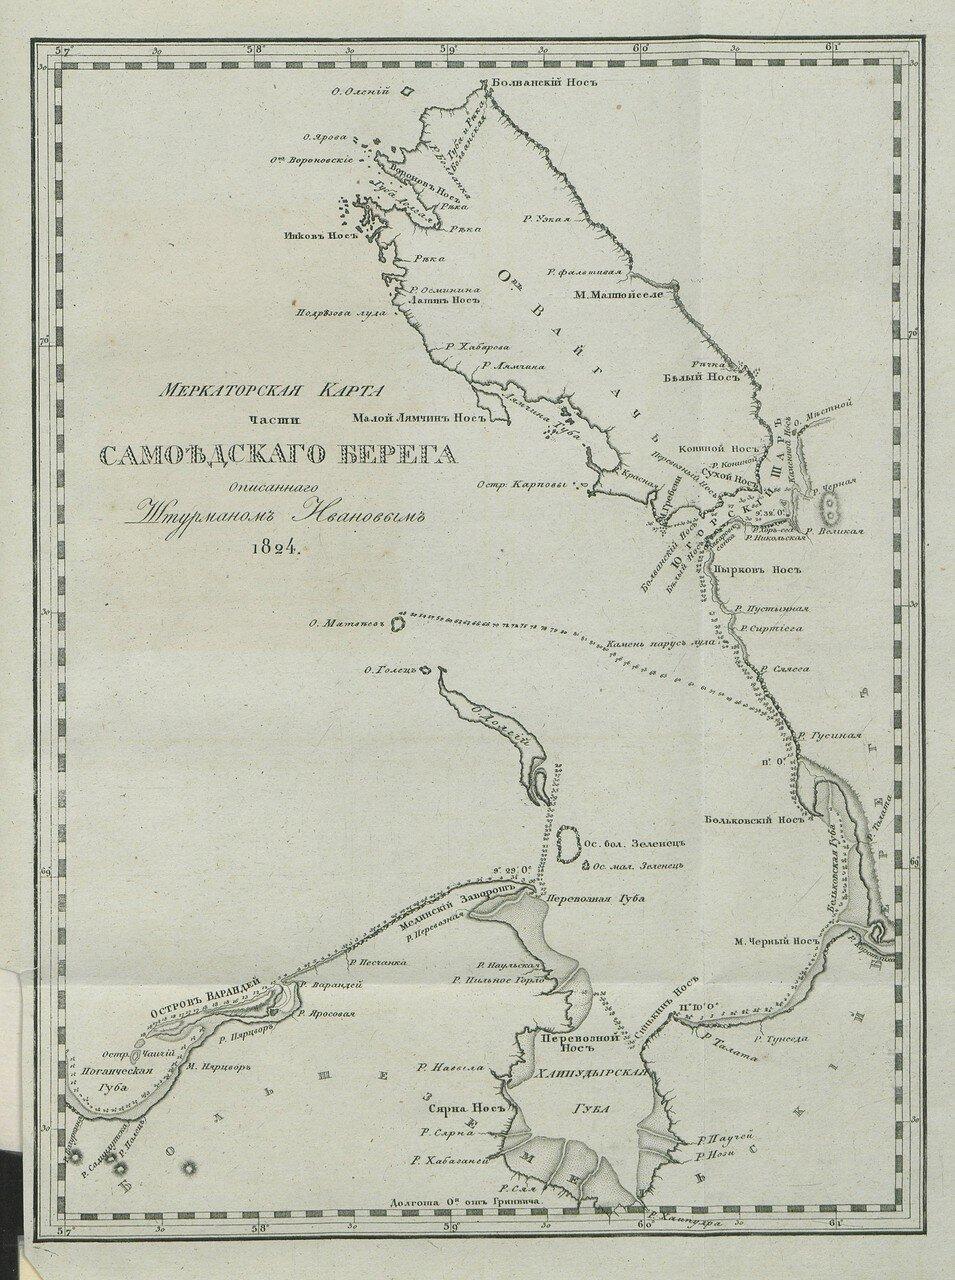 Меркаторская карта части Самоедского берега